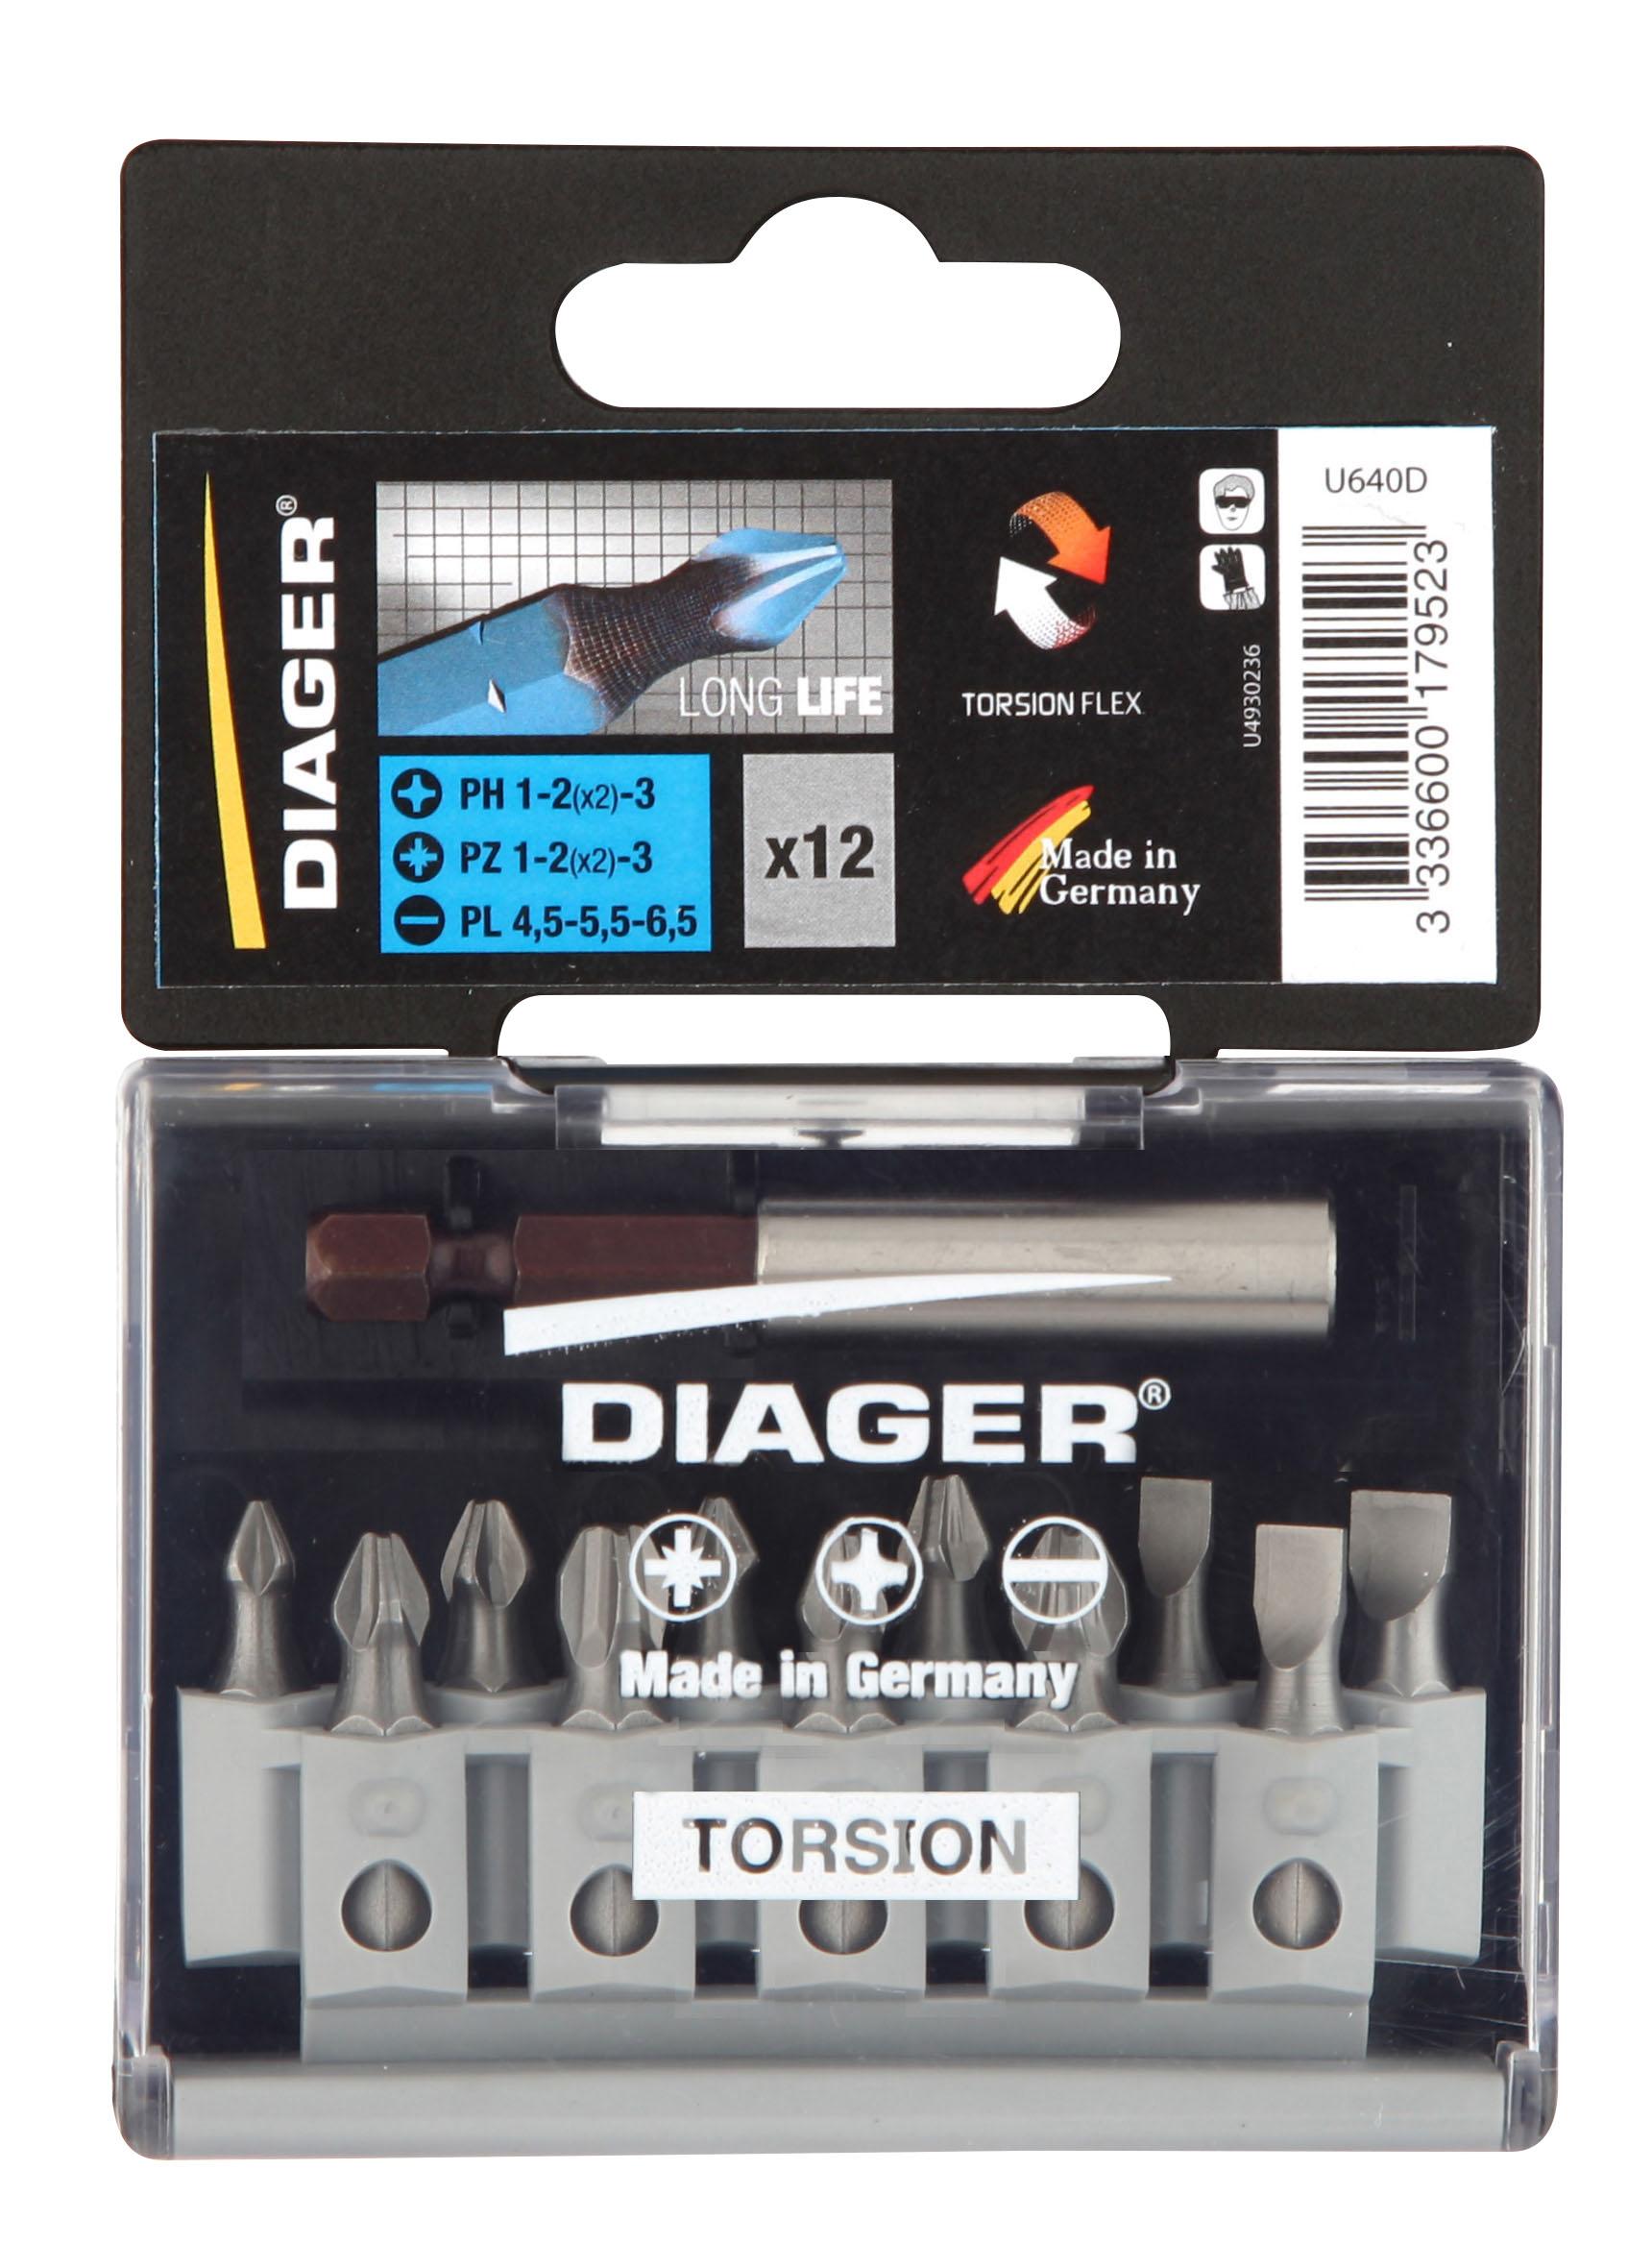 Screwdriving Torsion bit Set 15 torsion bits 25mm PZ 1-2(2)-3 PH 1-2(2)-3 TX 15-20-25-30 PL5,5-6,5 +FOXII - U640D.jpg